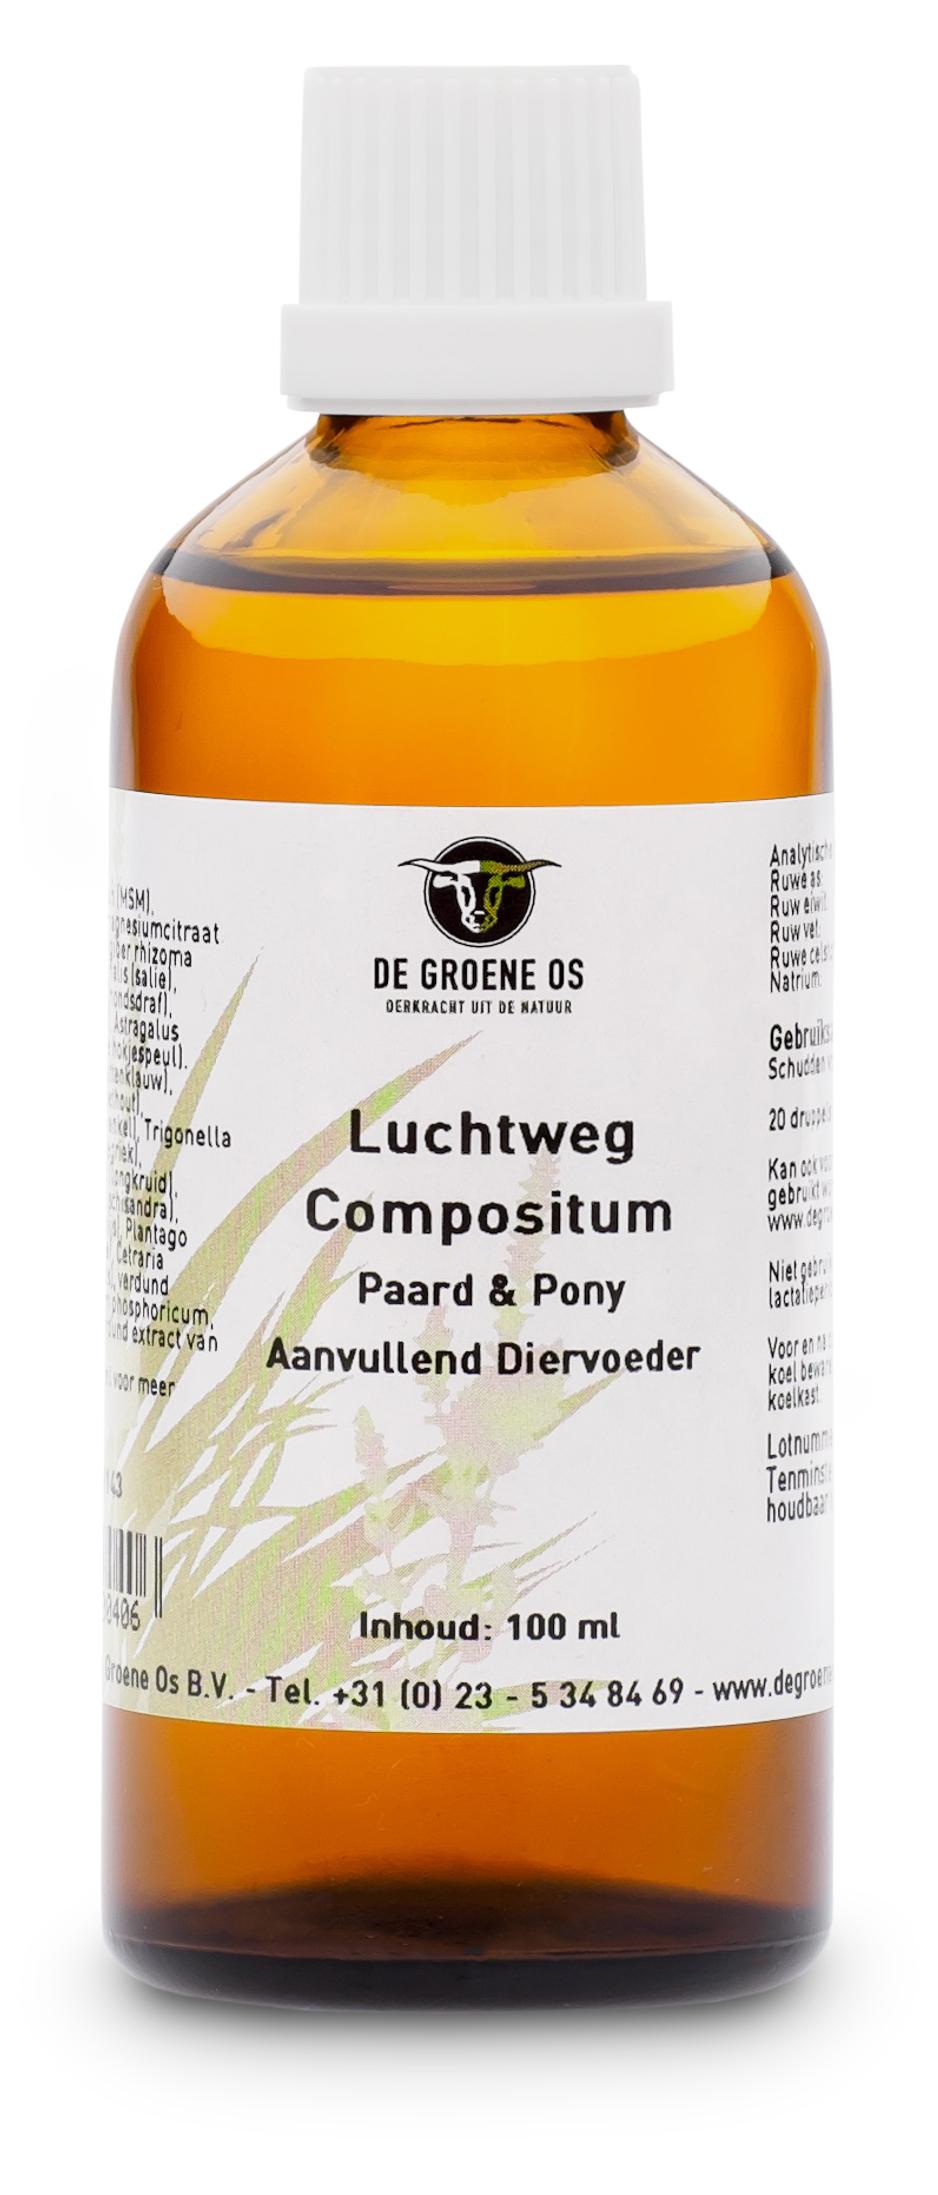 Sectolin Luchtweg Compositum Paard & Pony - De Groene Os 100 ml